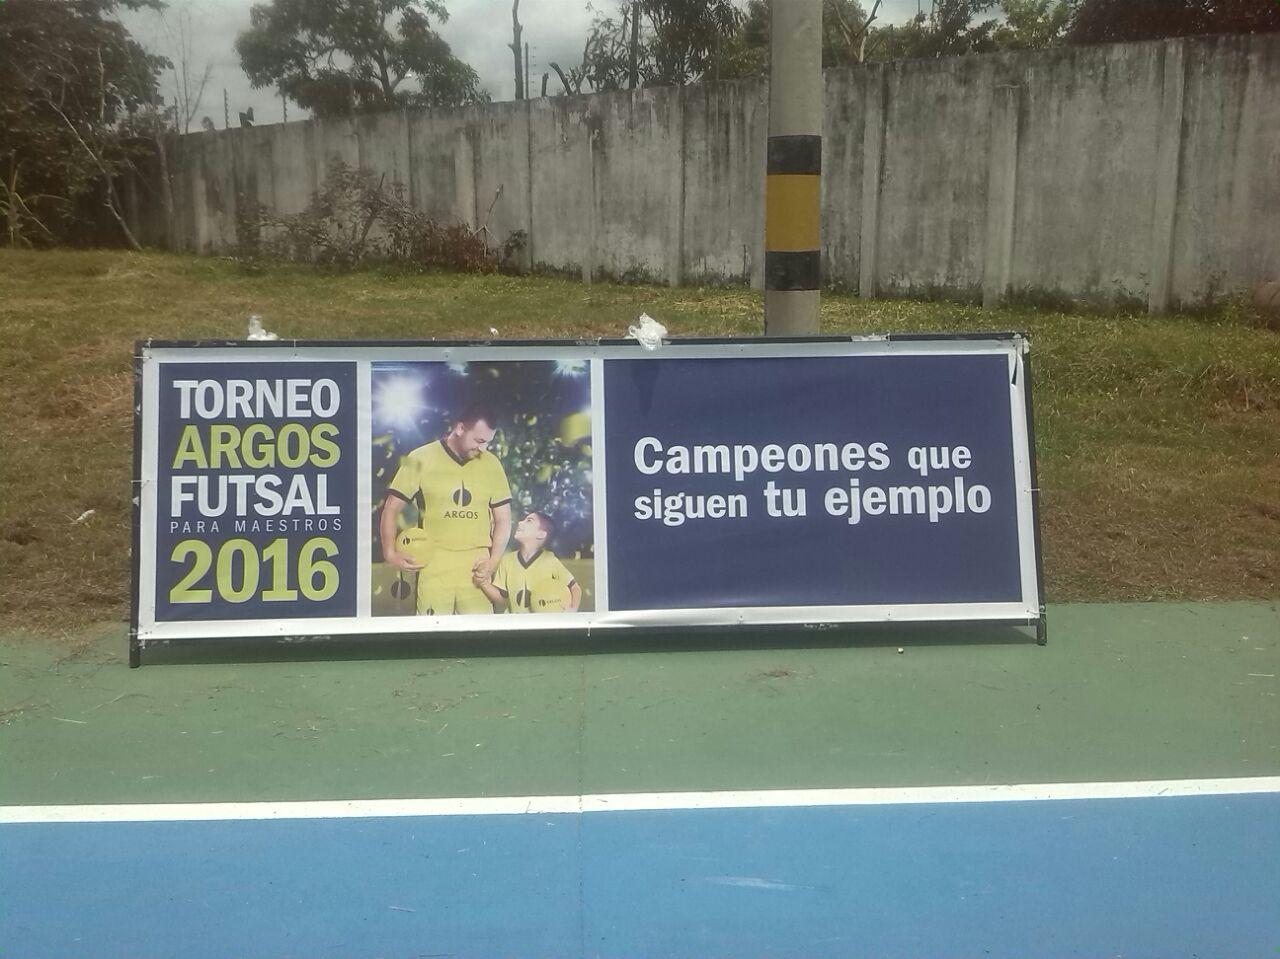 Torneo Argos futsal